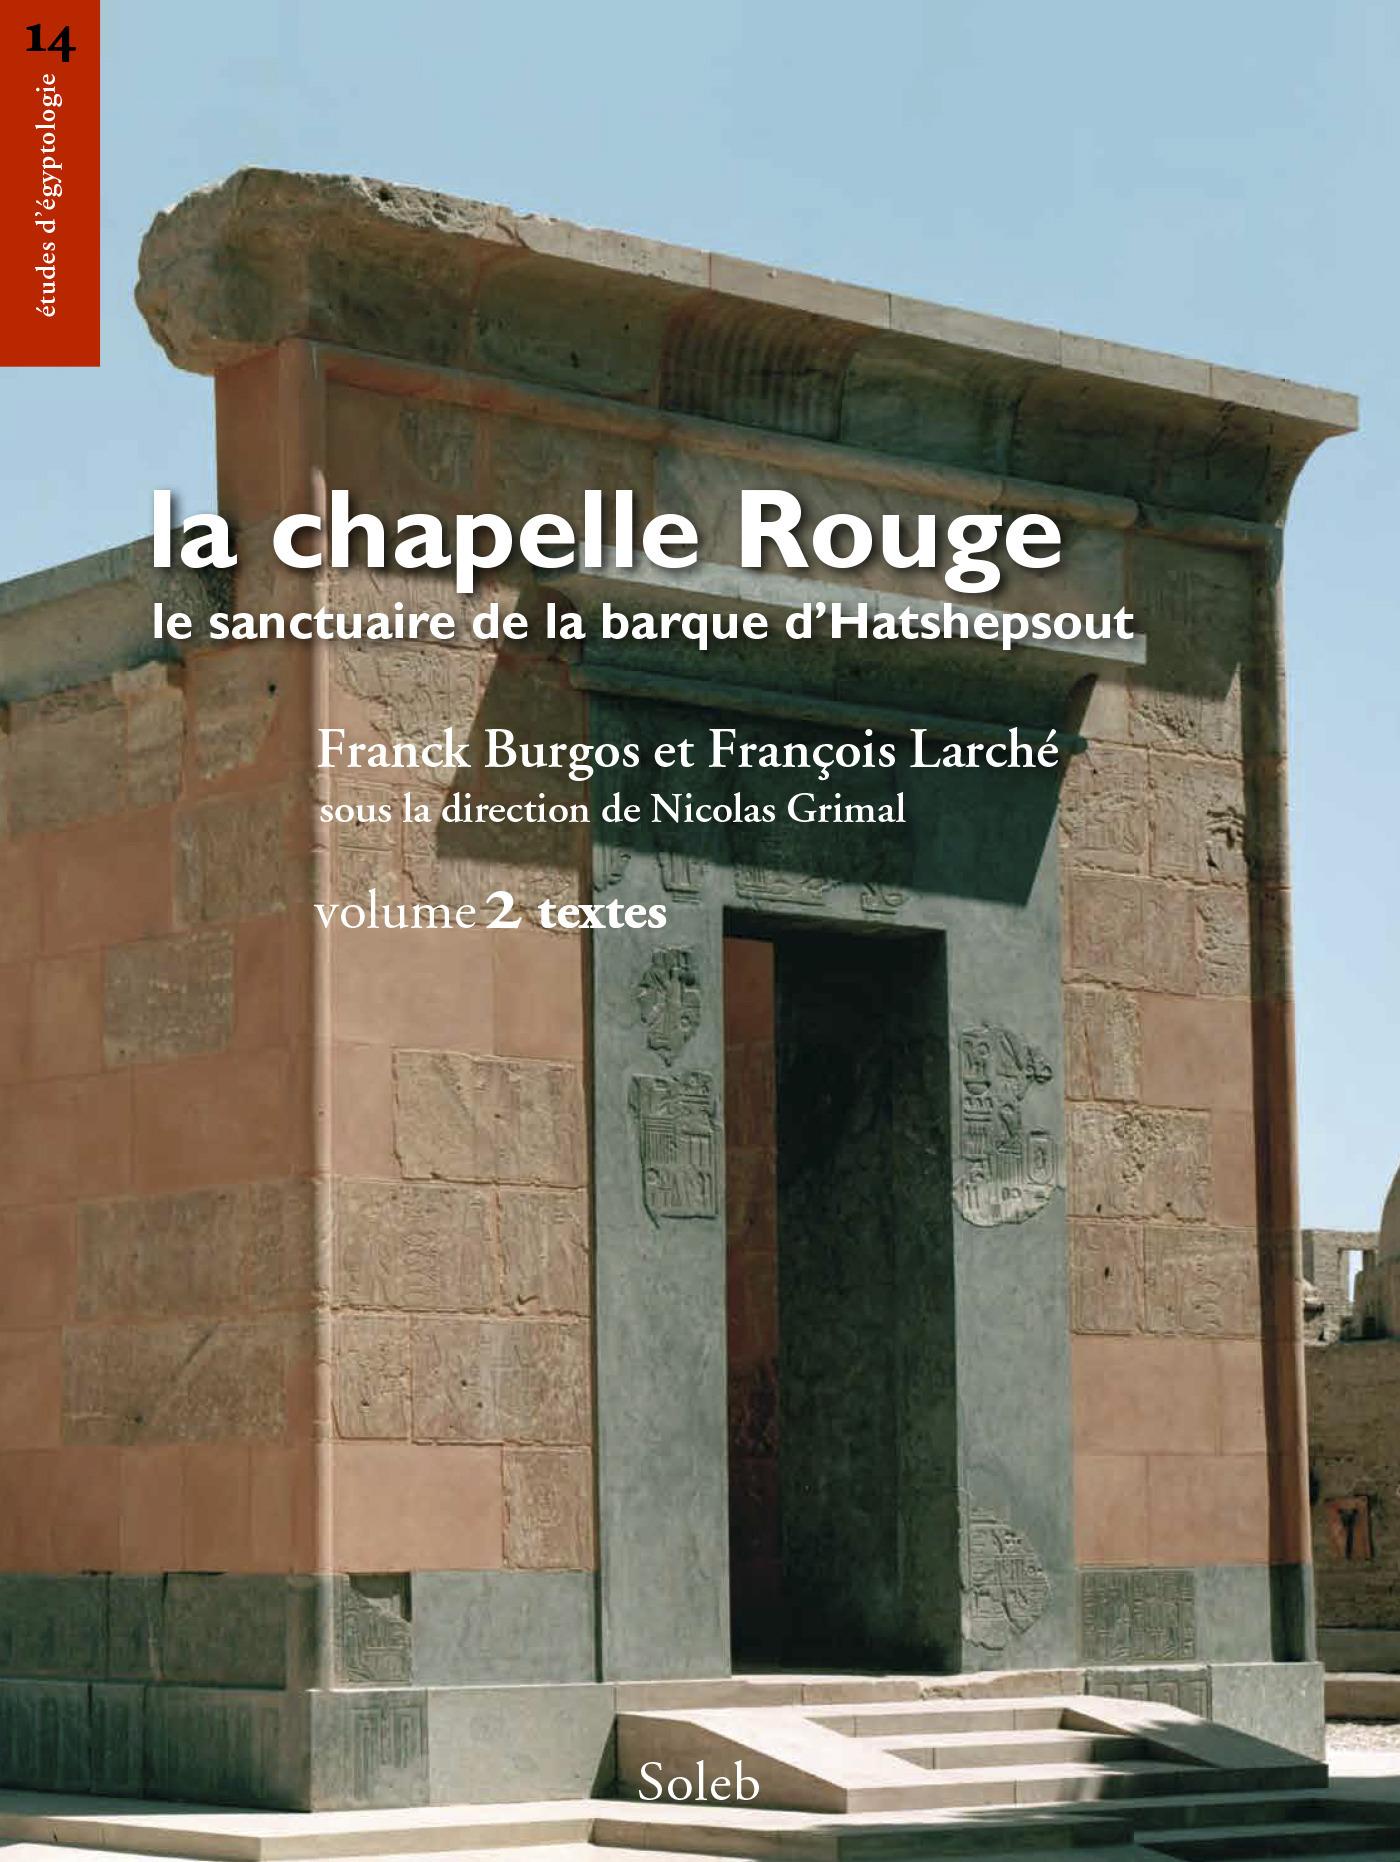 La chapelle rouge, le sanctuaire de barque d'Hatshepsout t.2 ; textes